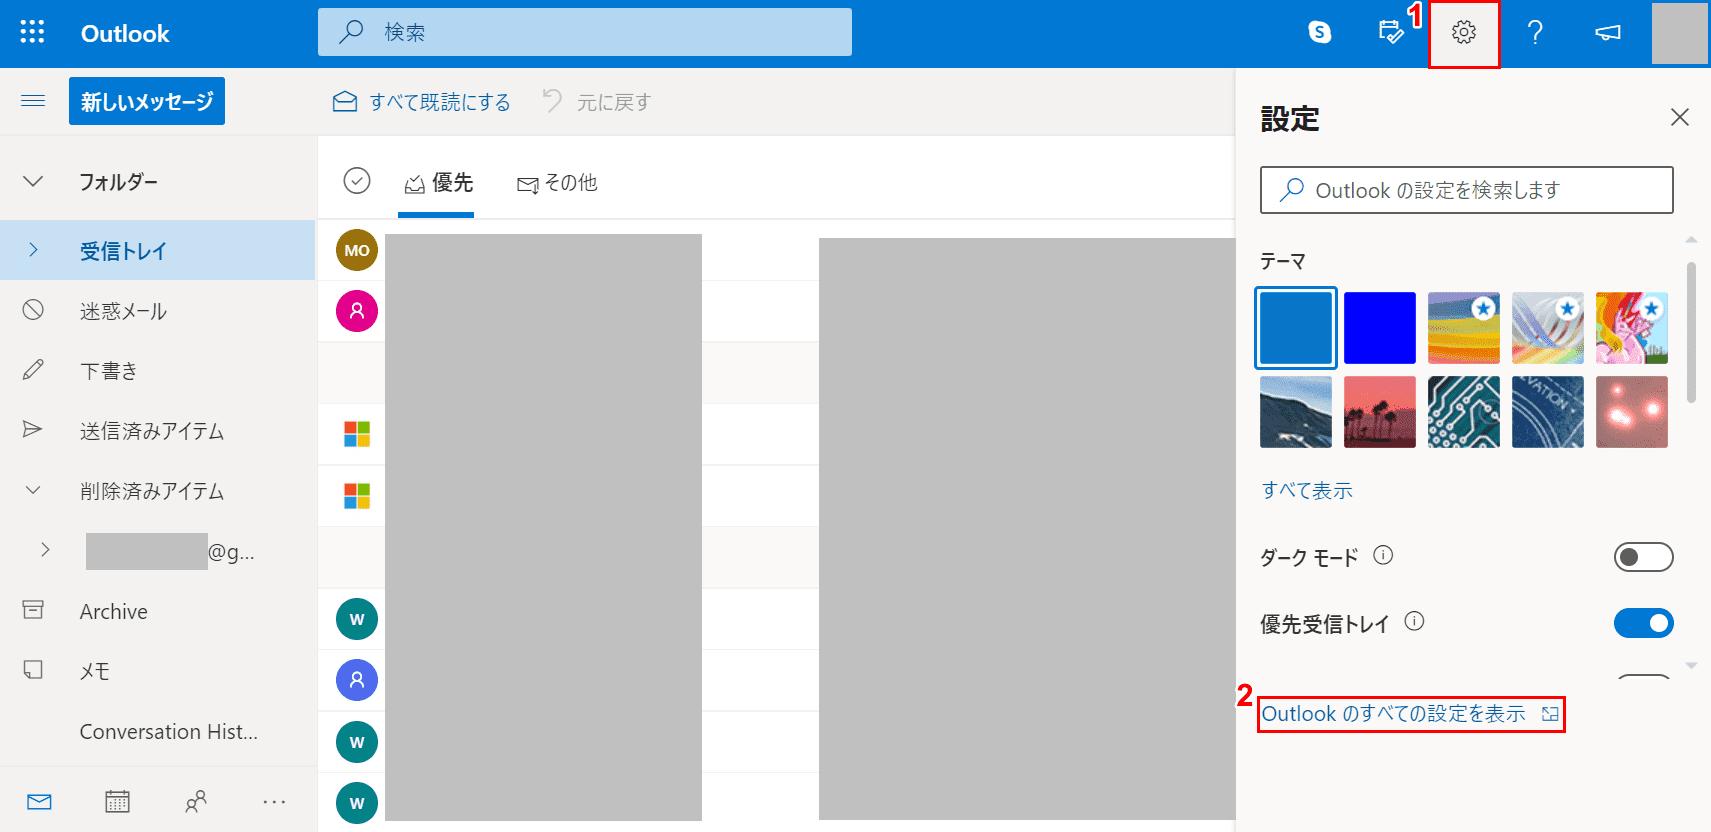 Outlookのすべての設定を表示